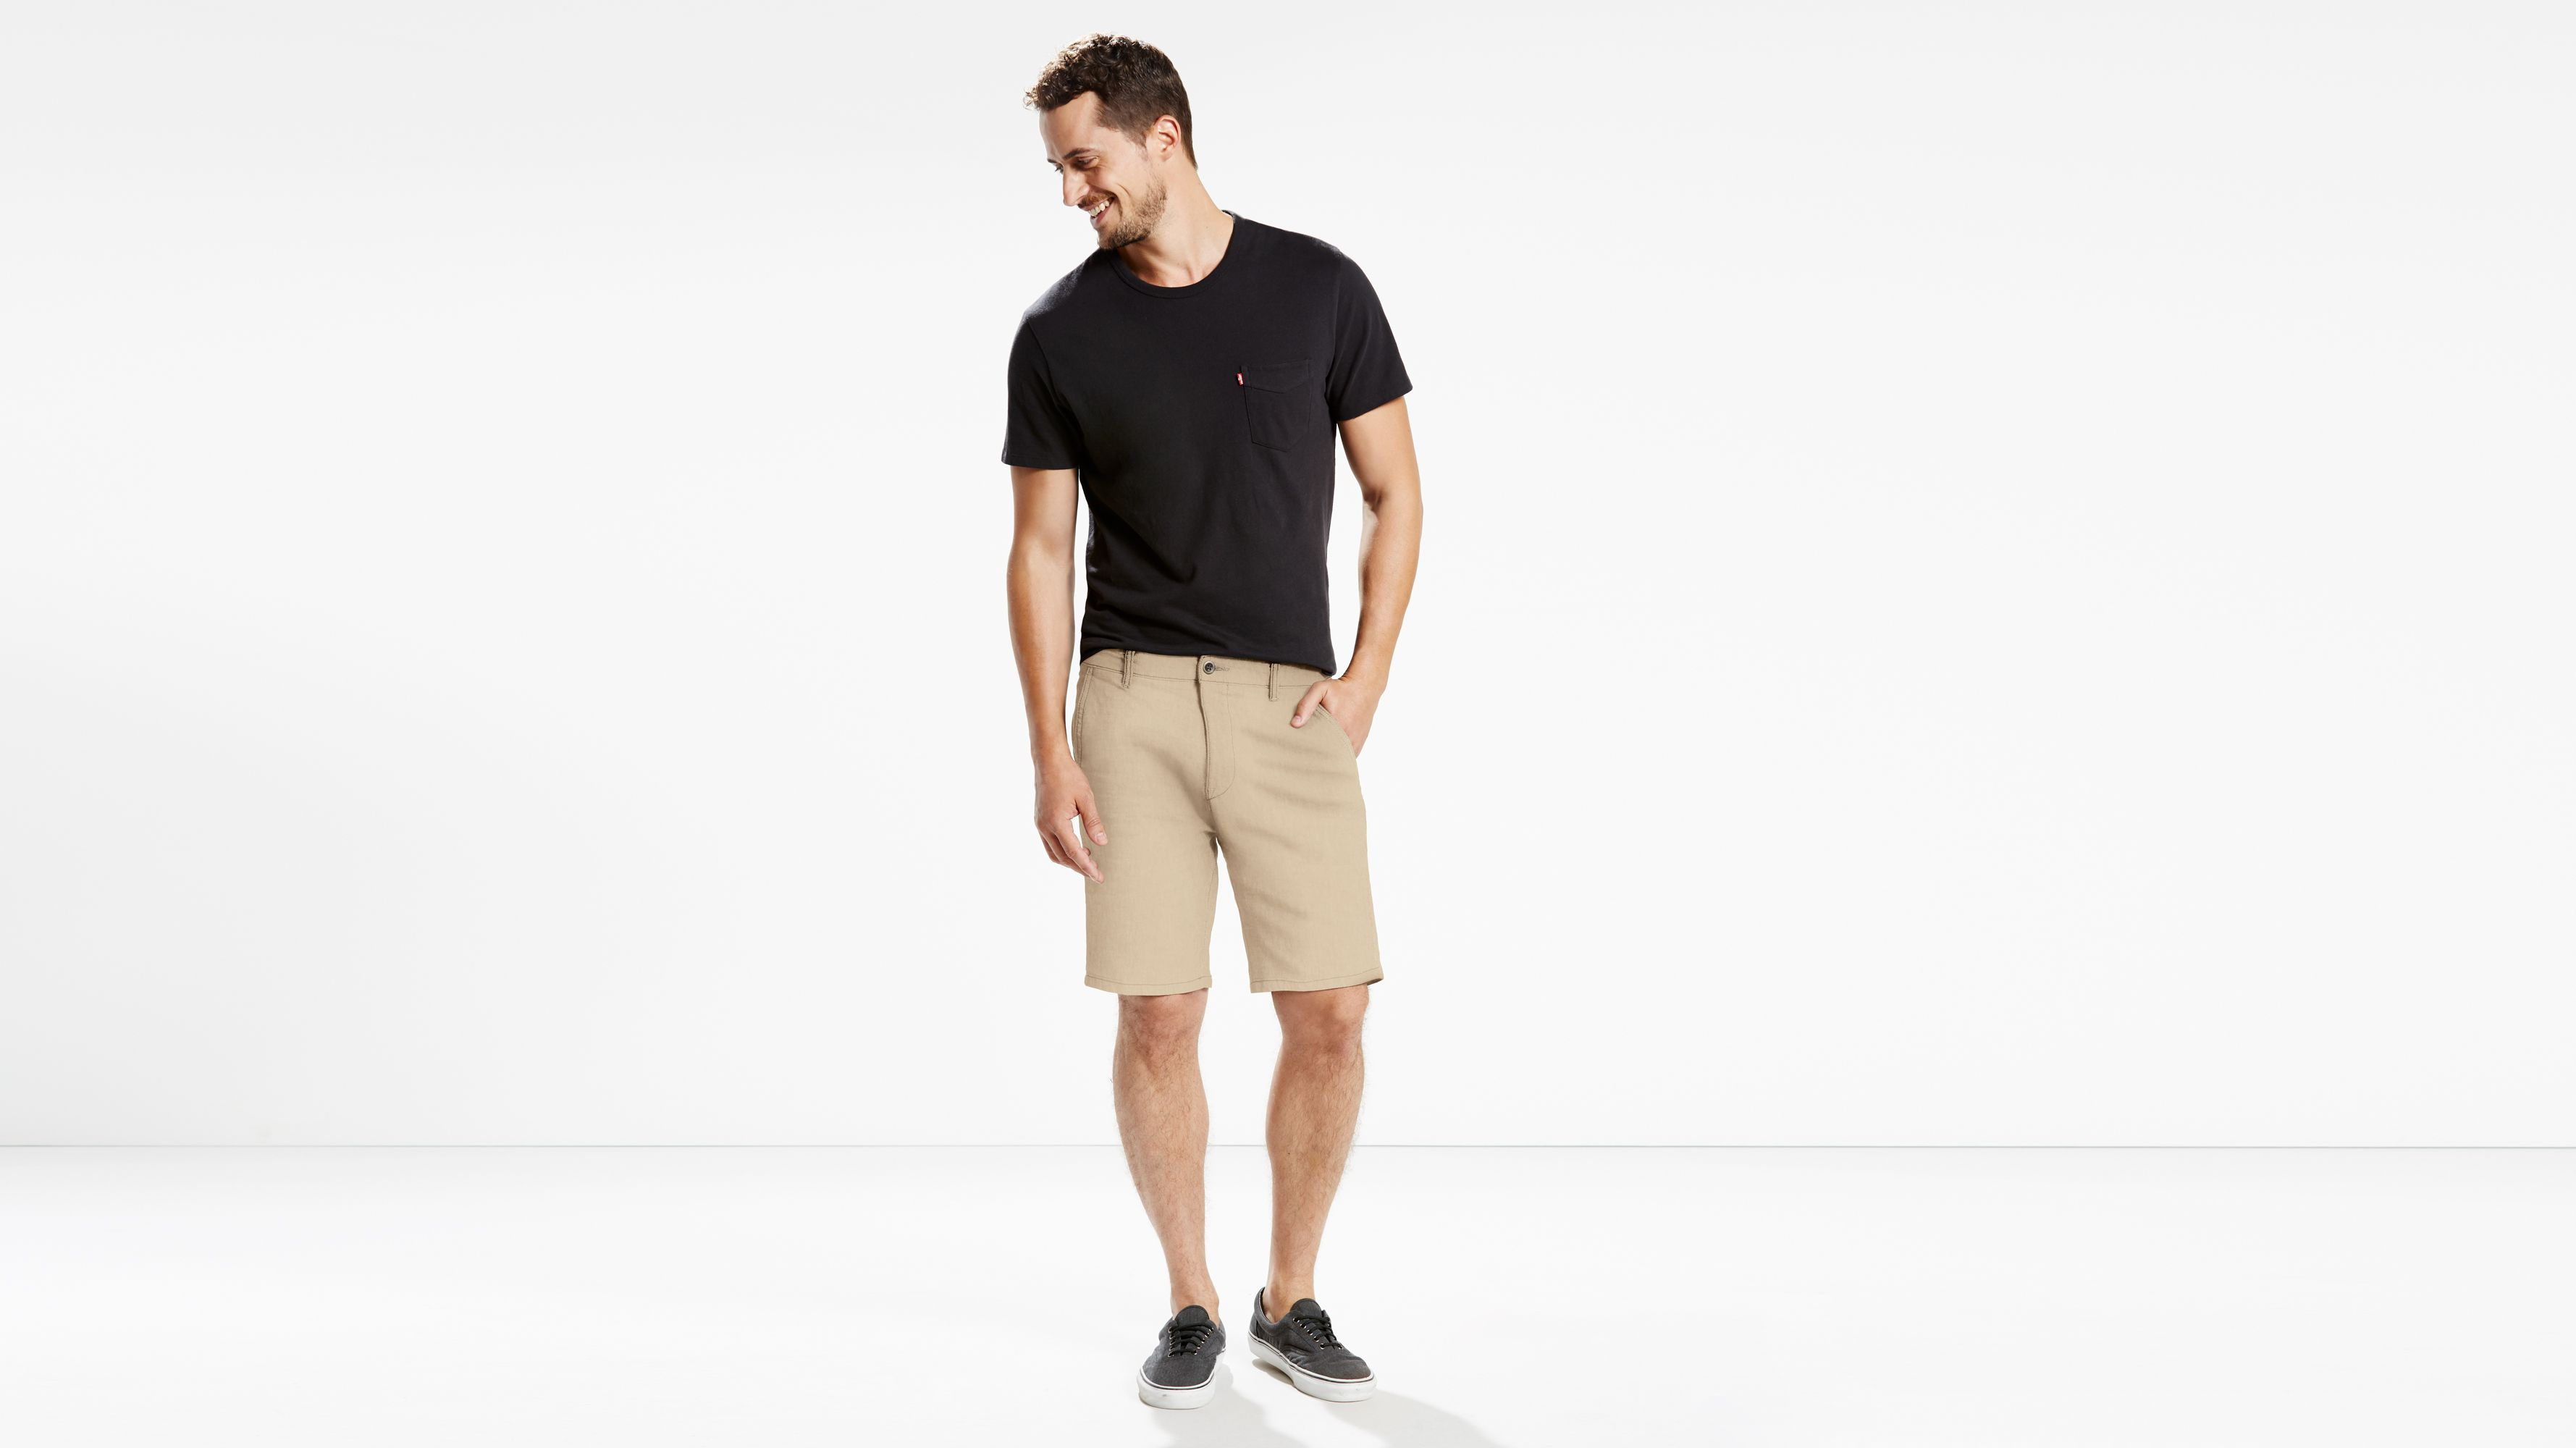 c58bda5e Straight Chino Shorts - Khaki | Levi's® CA